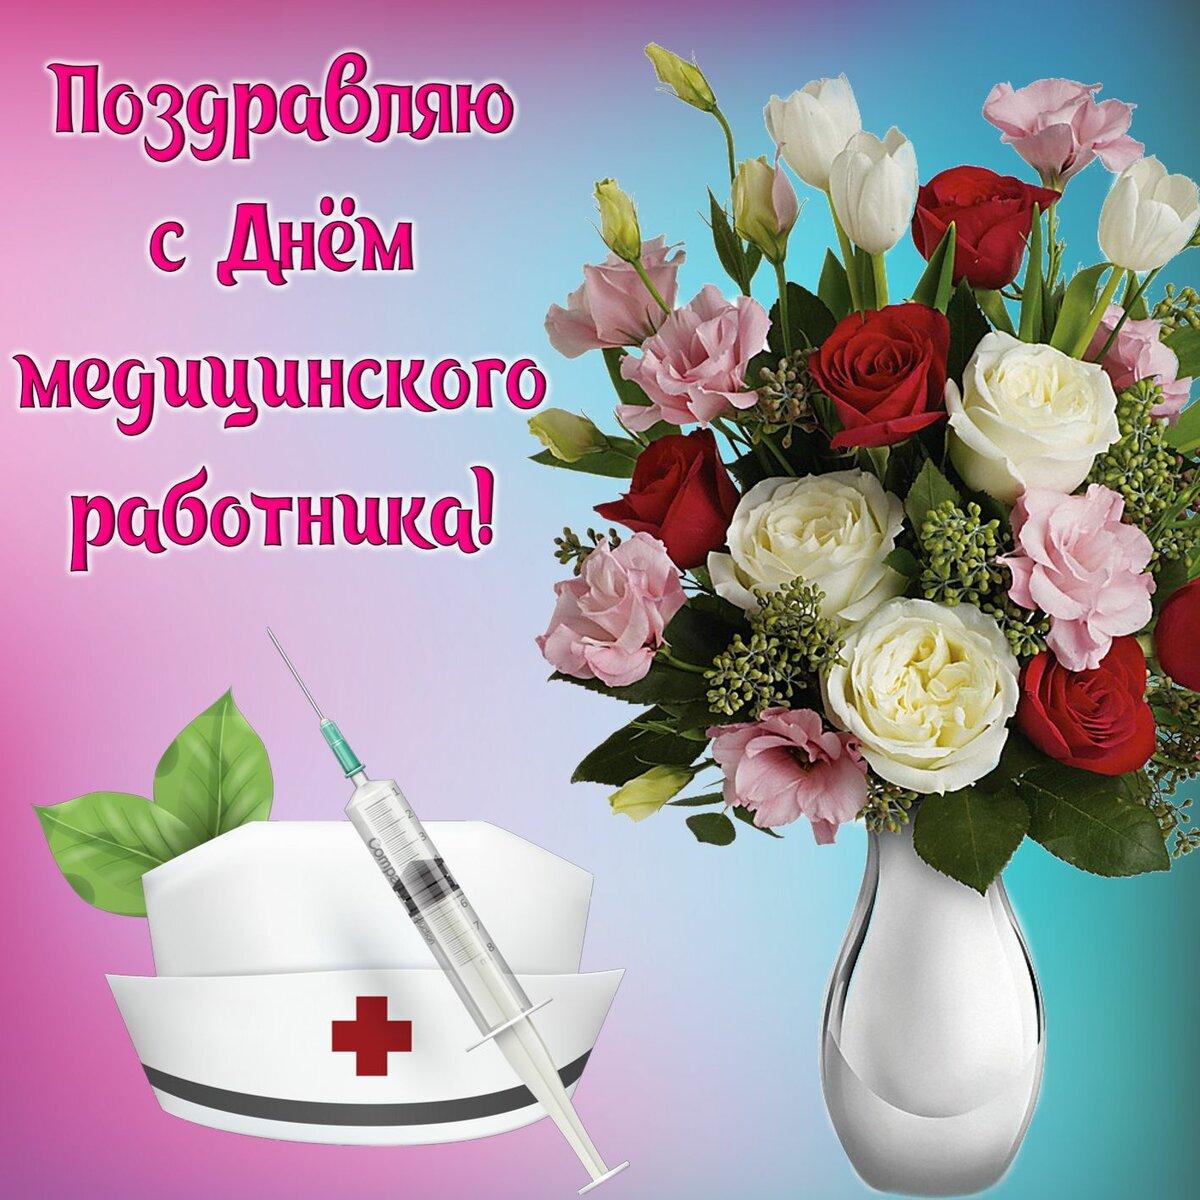 День медика картинки с поздравлением, добрым